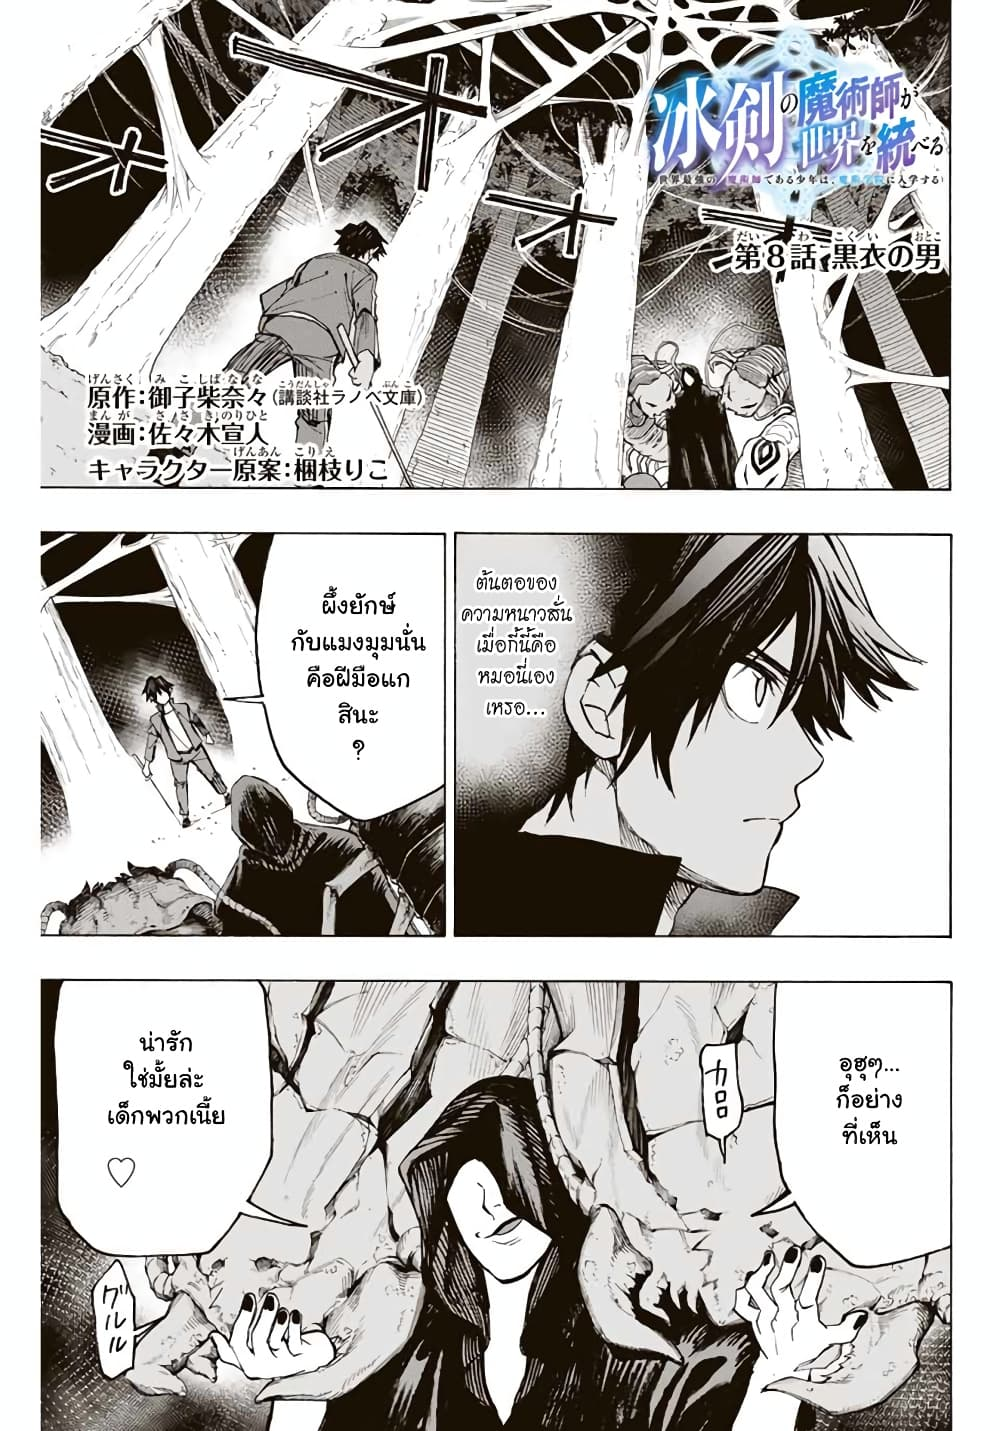 Hyouken no Majutsushi ga Sekai wo Suberu-ตอนที่ 8